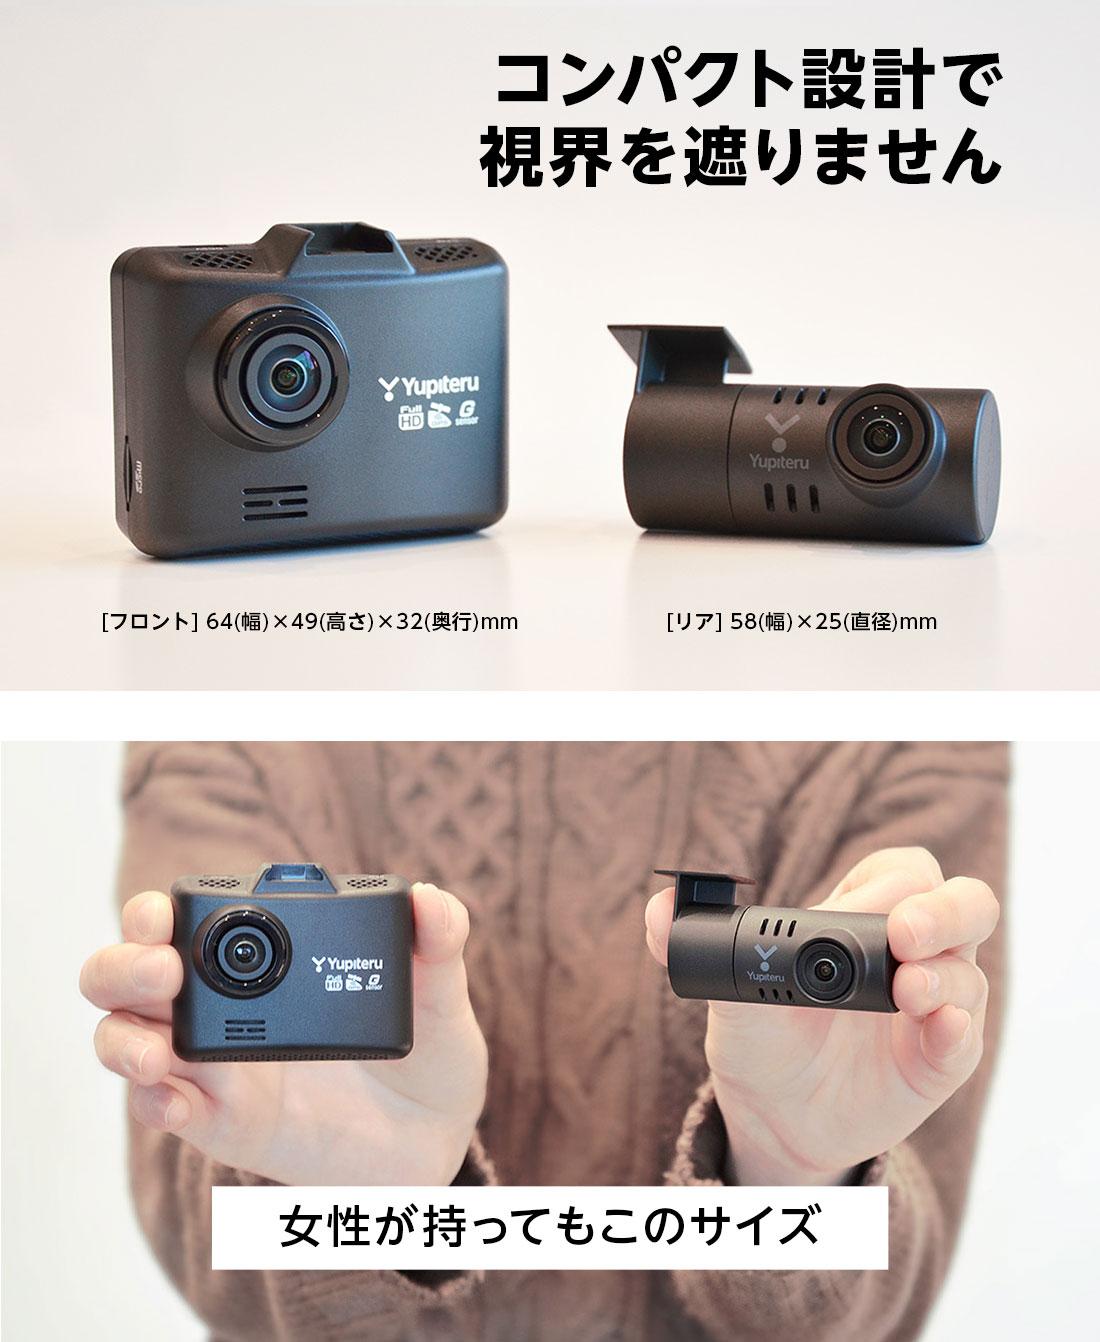 コンパクト設計で視界の妨げを防ぎます DRY-TW8650c